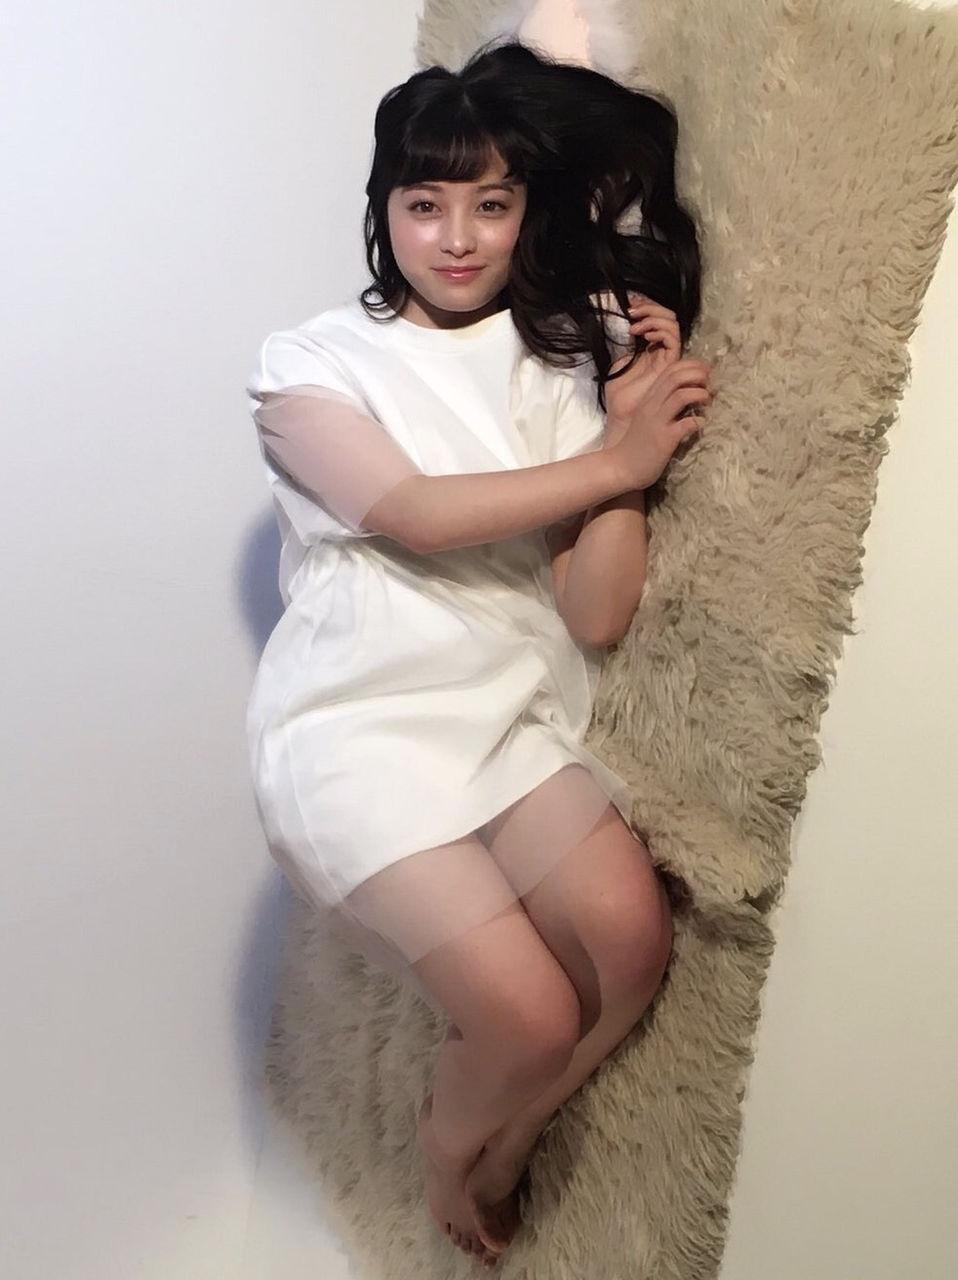 橋本環奈がデブにみえるセクシーな画像www :: タレントイズム ...